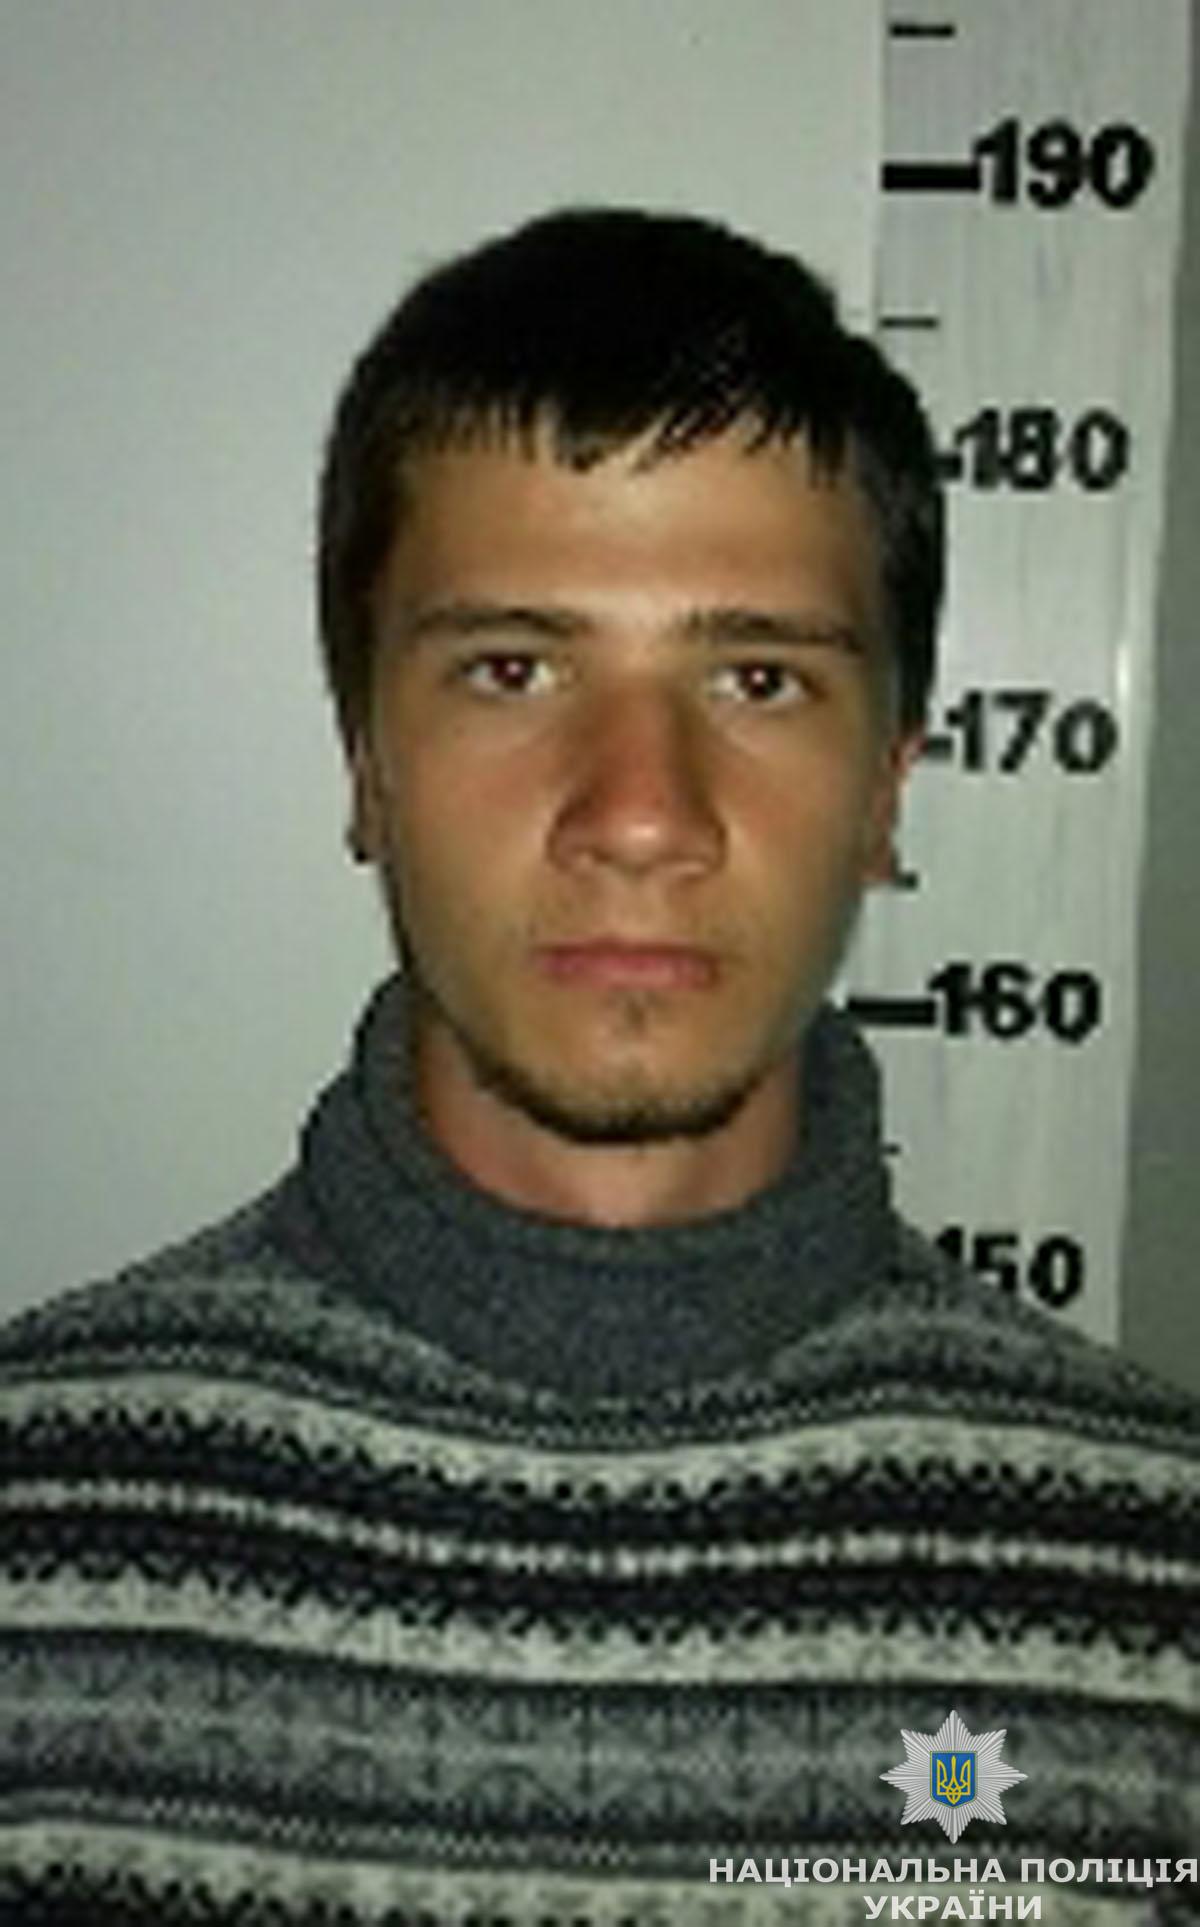 Фото: отдел коммуникации полиции в Житомирской области